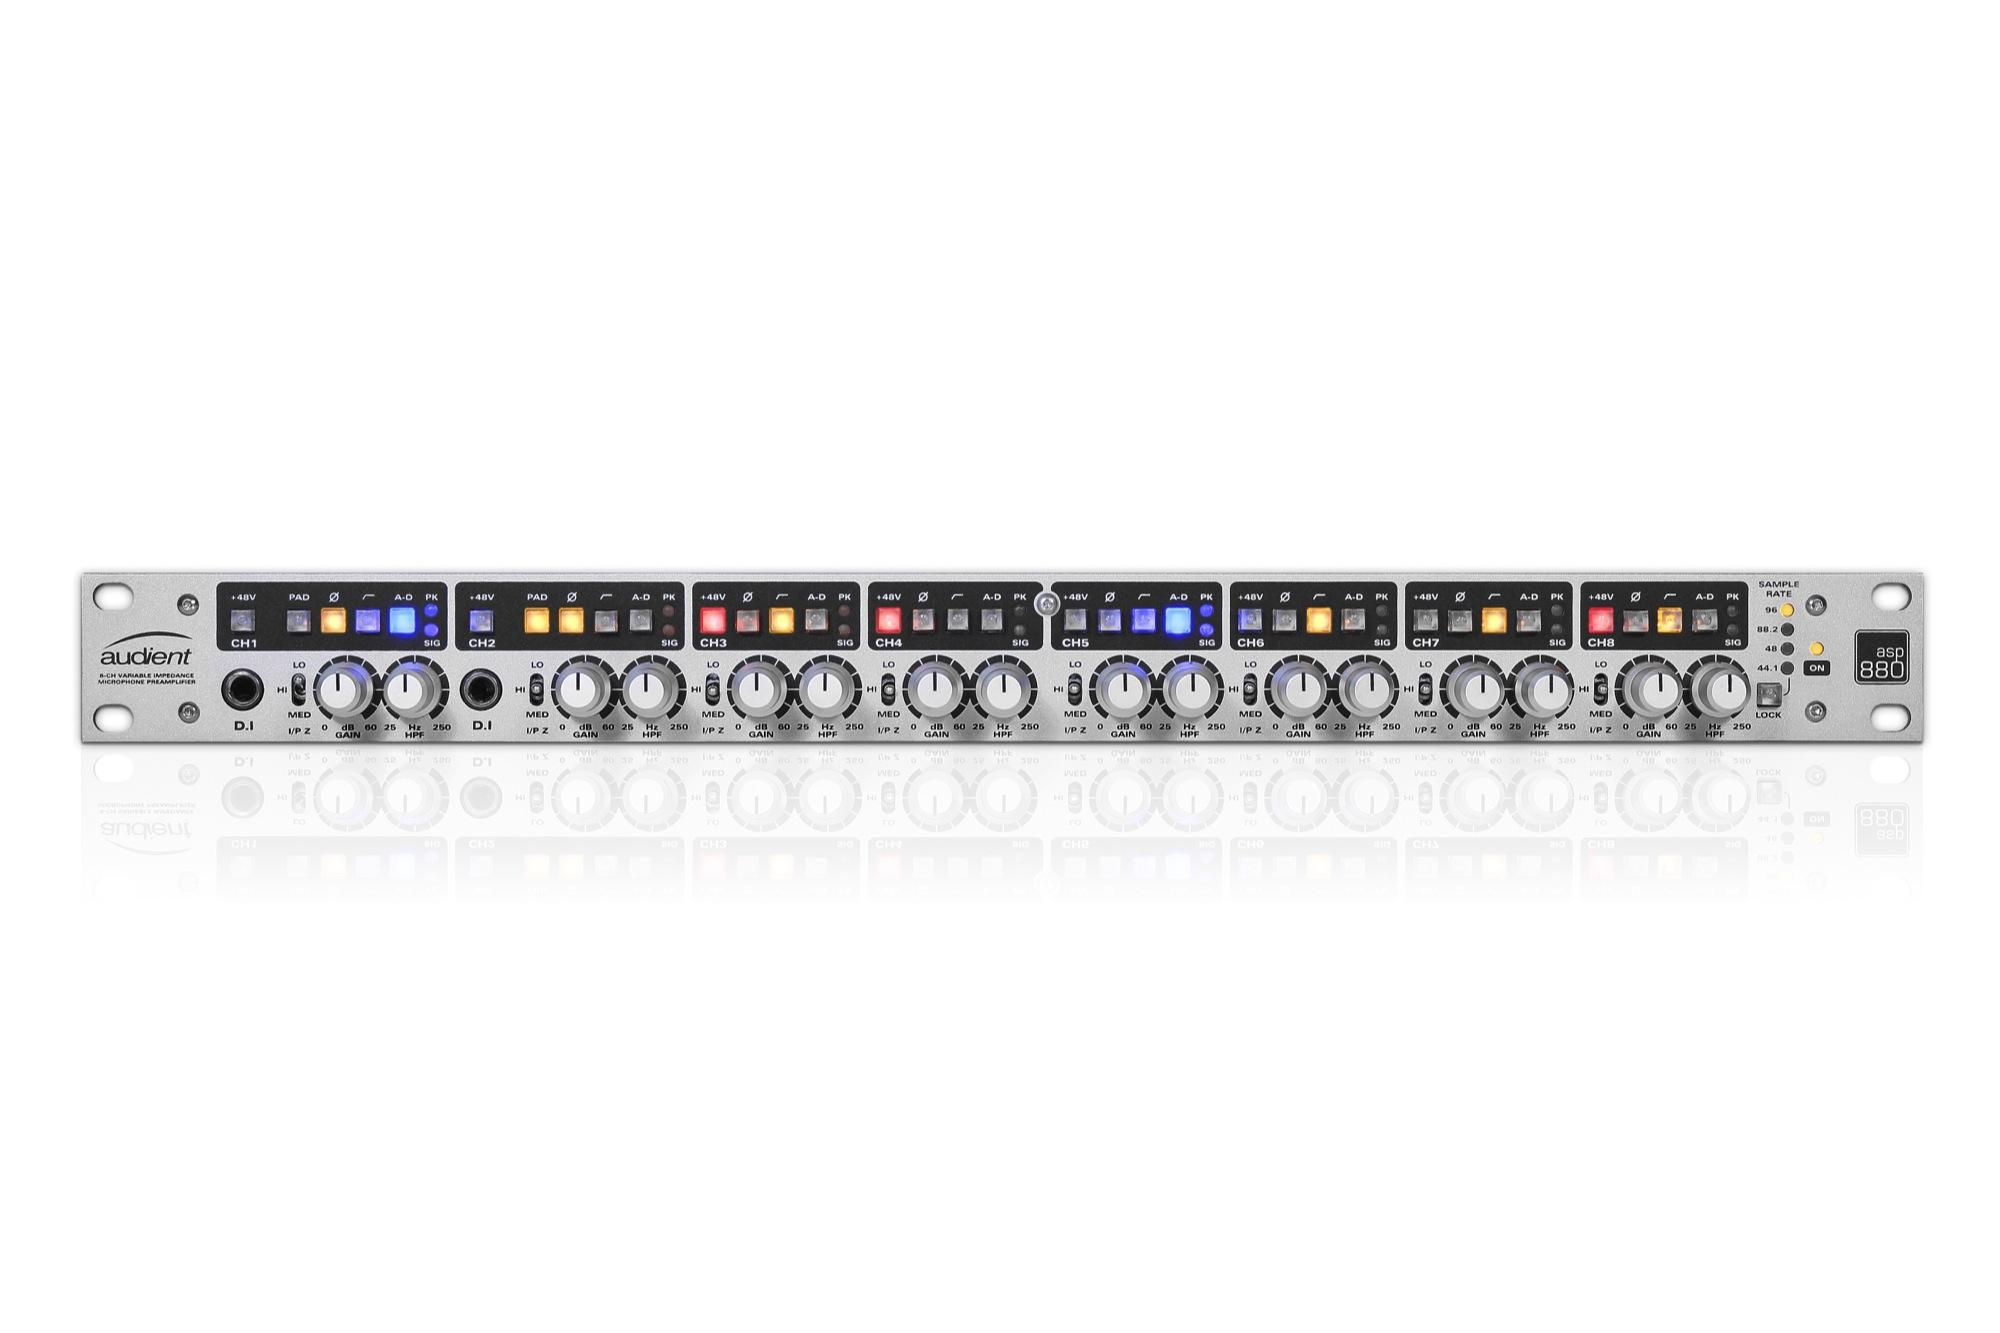 ASP880 是一款新的八通道麦克风前置放大器兼 ADC,这是自该公司在 2013 年年末收购 Simon Blackwood 后的首个产品。  ASP880 具备 Audient 著名控台的八个麦克风前置放大器,两个 JFET D.I 乐器输入,纯正的转换器技术,数个阻抗以及数个高通滤波器,多种功能都囊括到了一个 1U 机架设备中。 Audient 首席技术主管 Tom Waterman 解释说: 已经收到了来自 Audient 用户的必要反馈。结果是,我们密切与 David Dearden 合作开发了